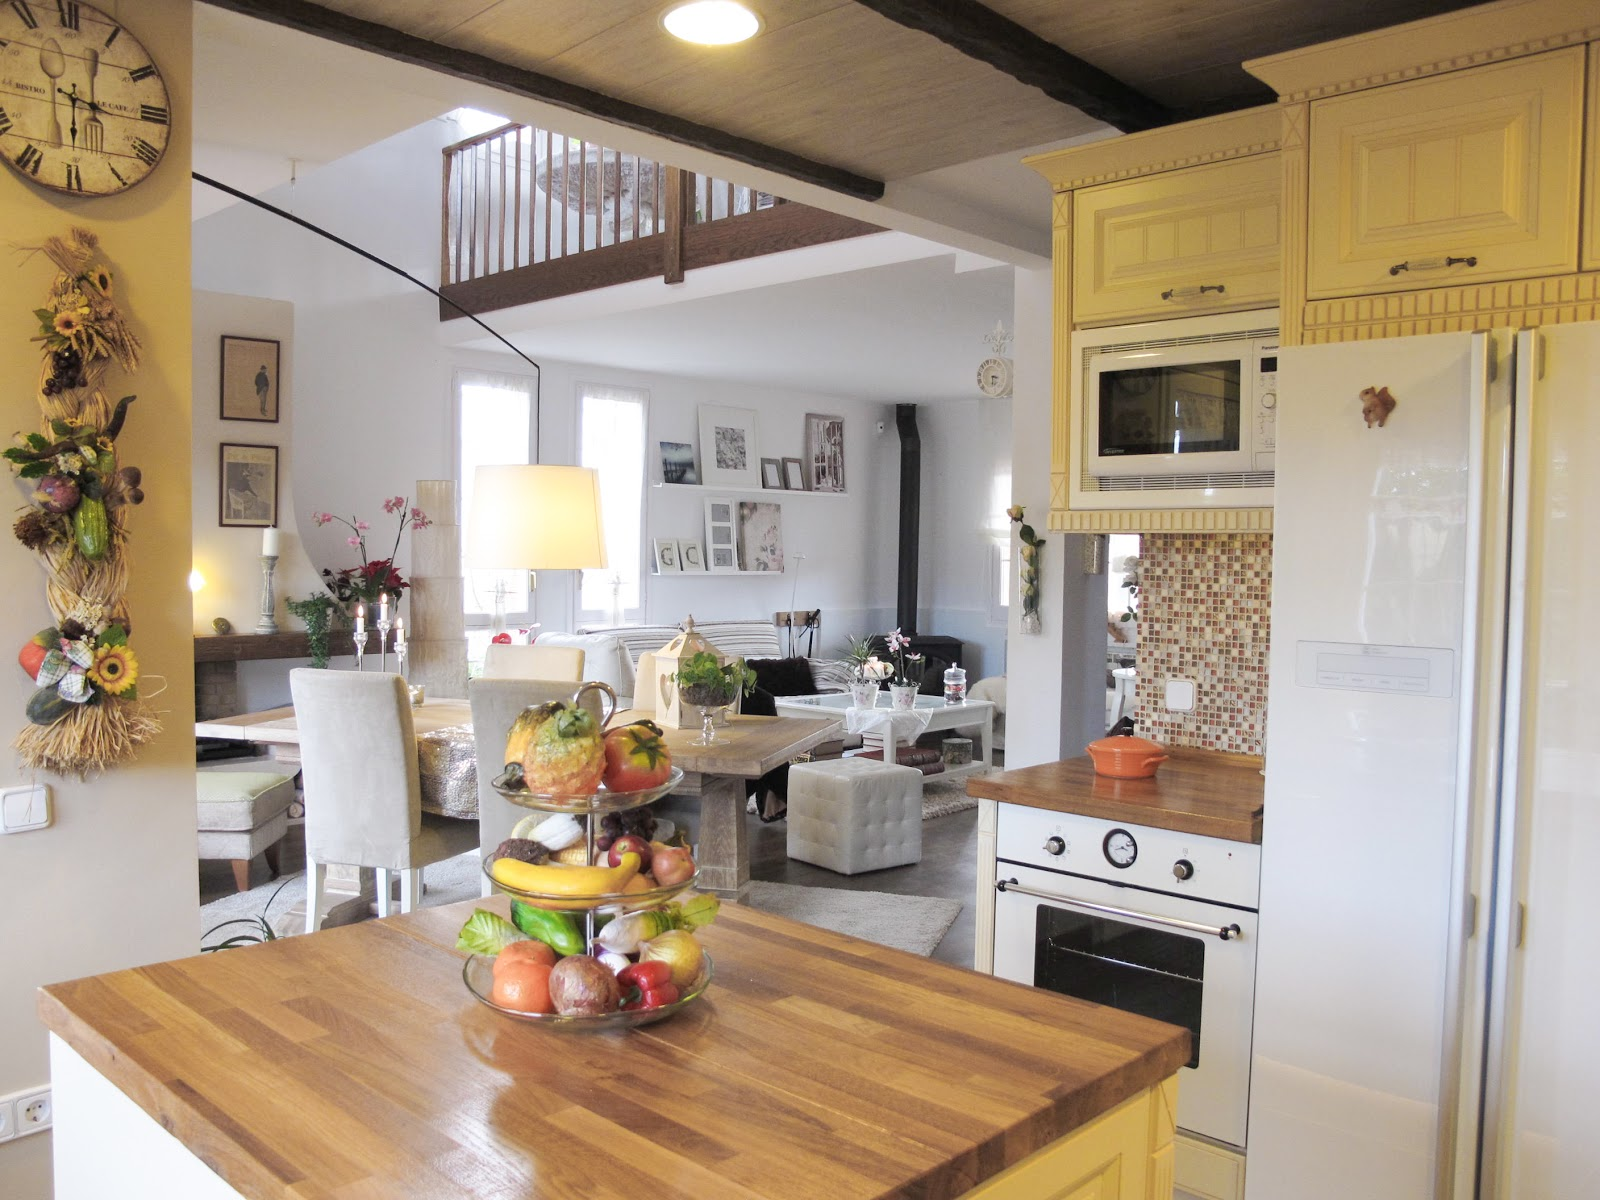 3 razones de peso para elegir la cocina abierta estil propi - Cocina abierta ...